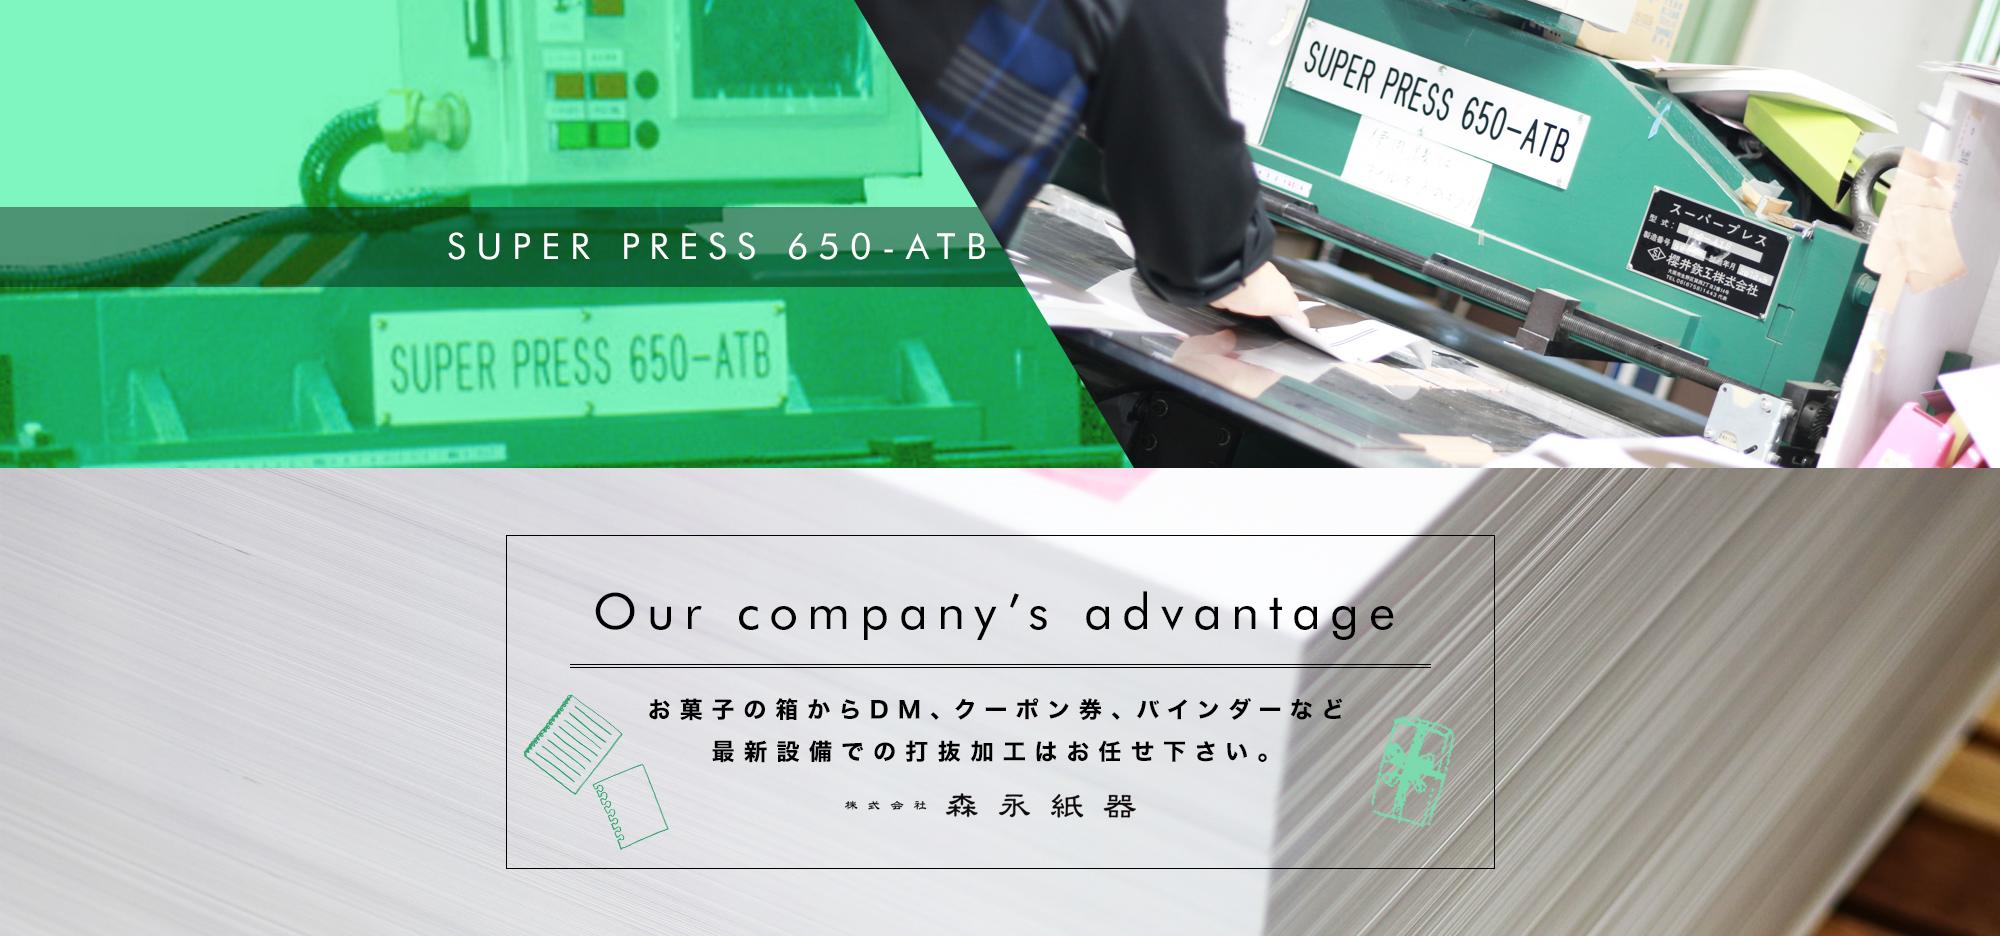 株式会社森永紙器